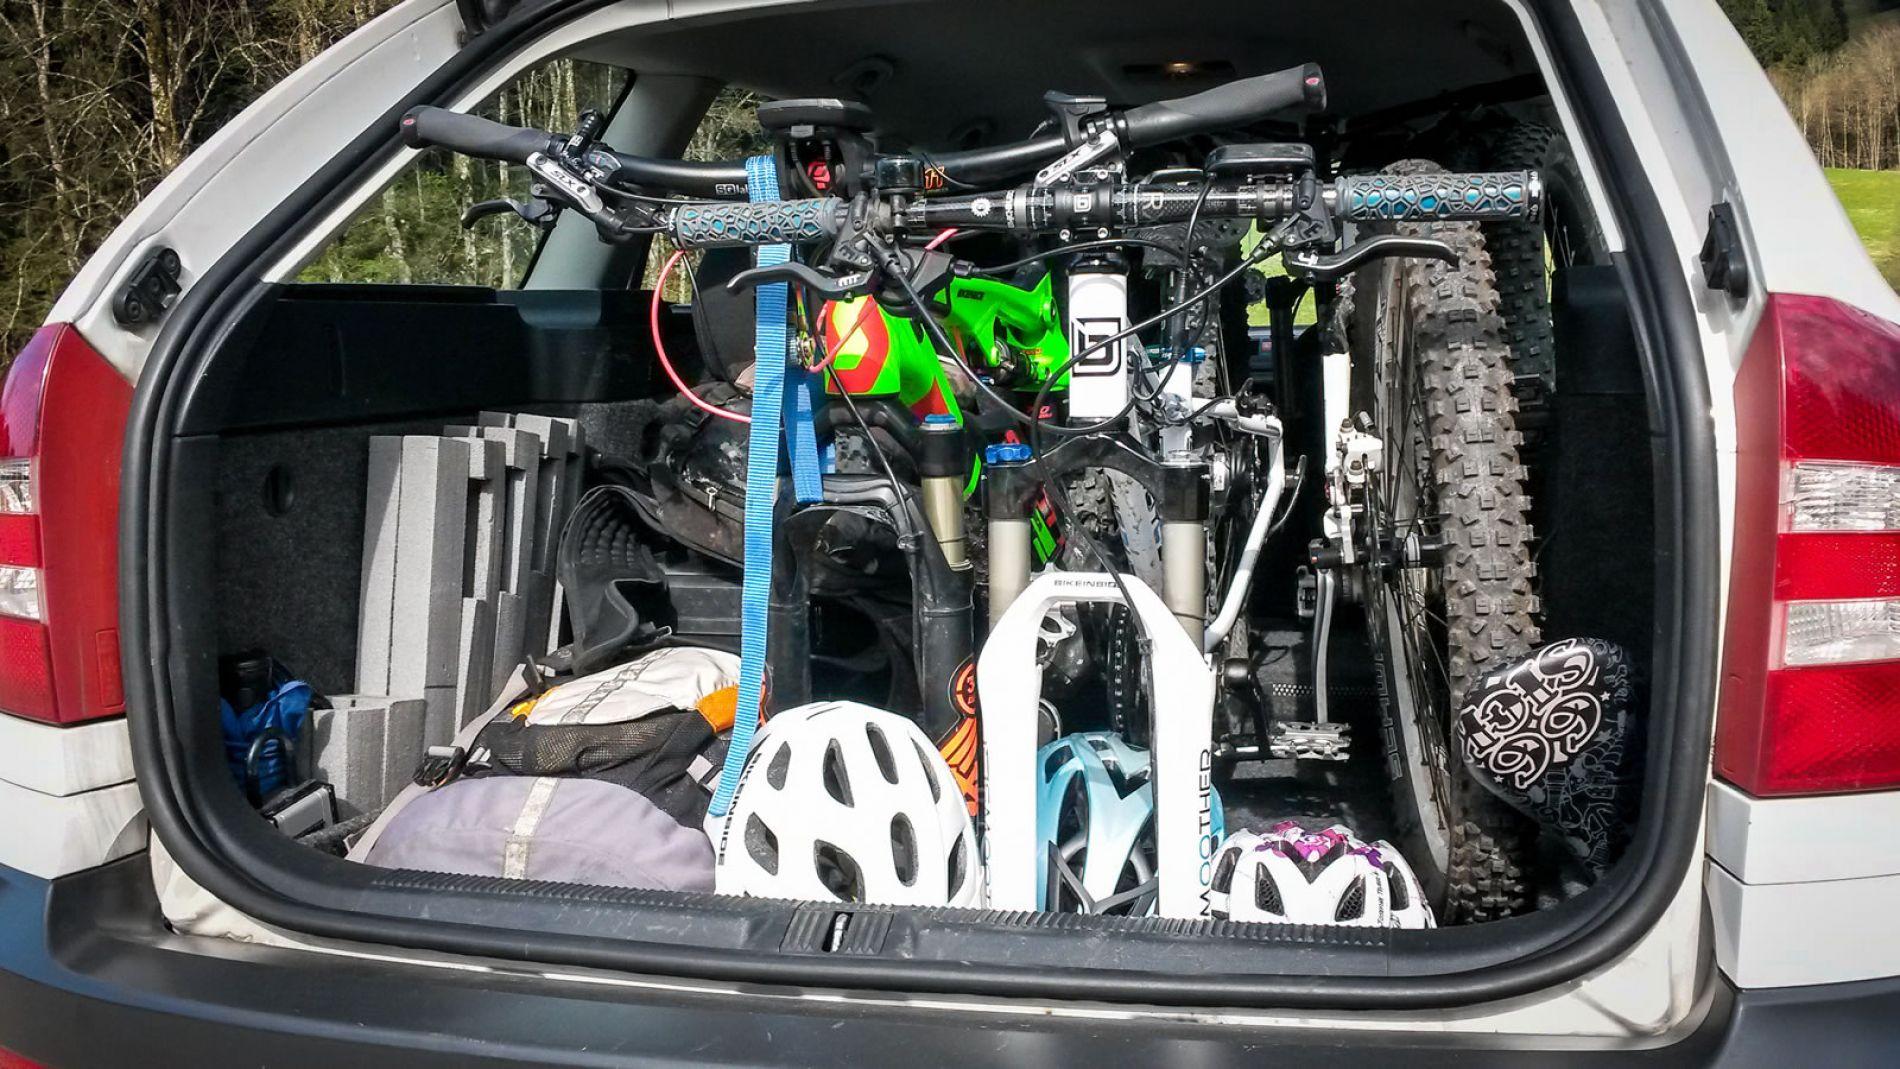 bikeinside innenraum fahrradtr ger fahrradtransport im auto fahrradtr ger innenraum innen. Black Bedroom Furniture Sets. Home Design Ideas